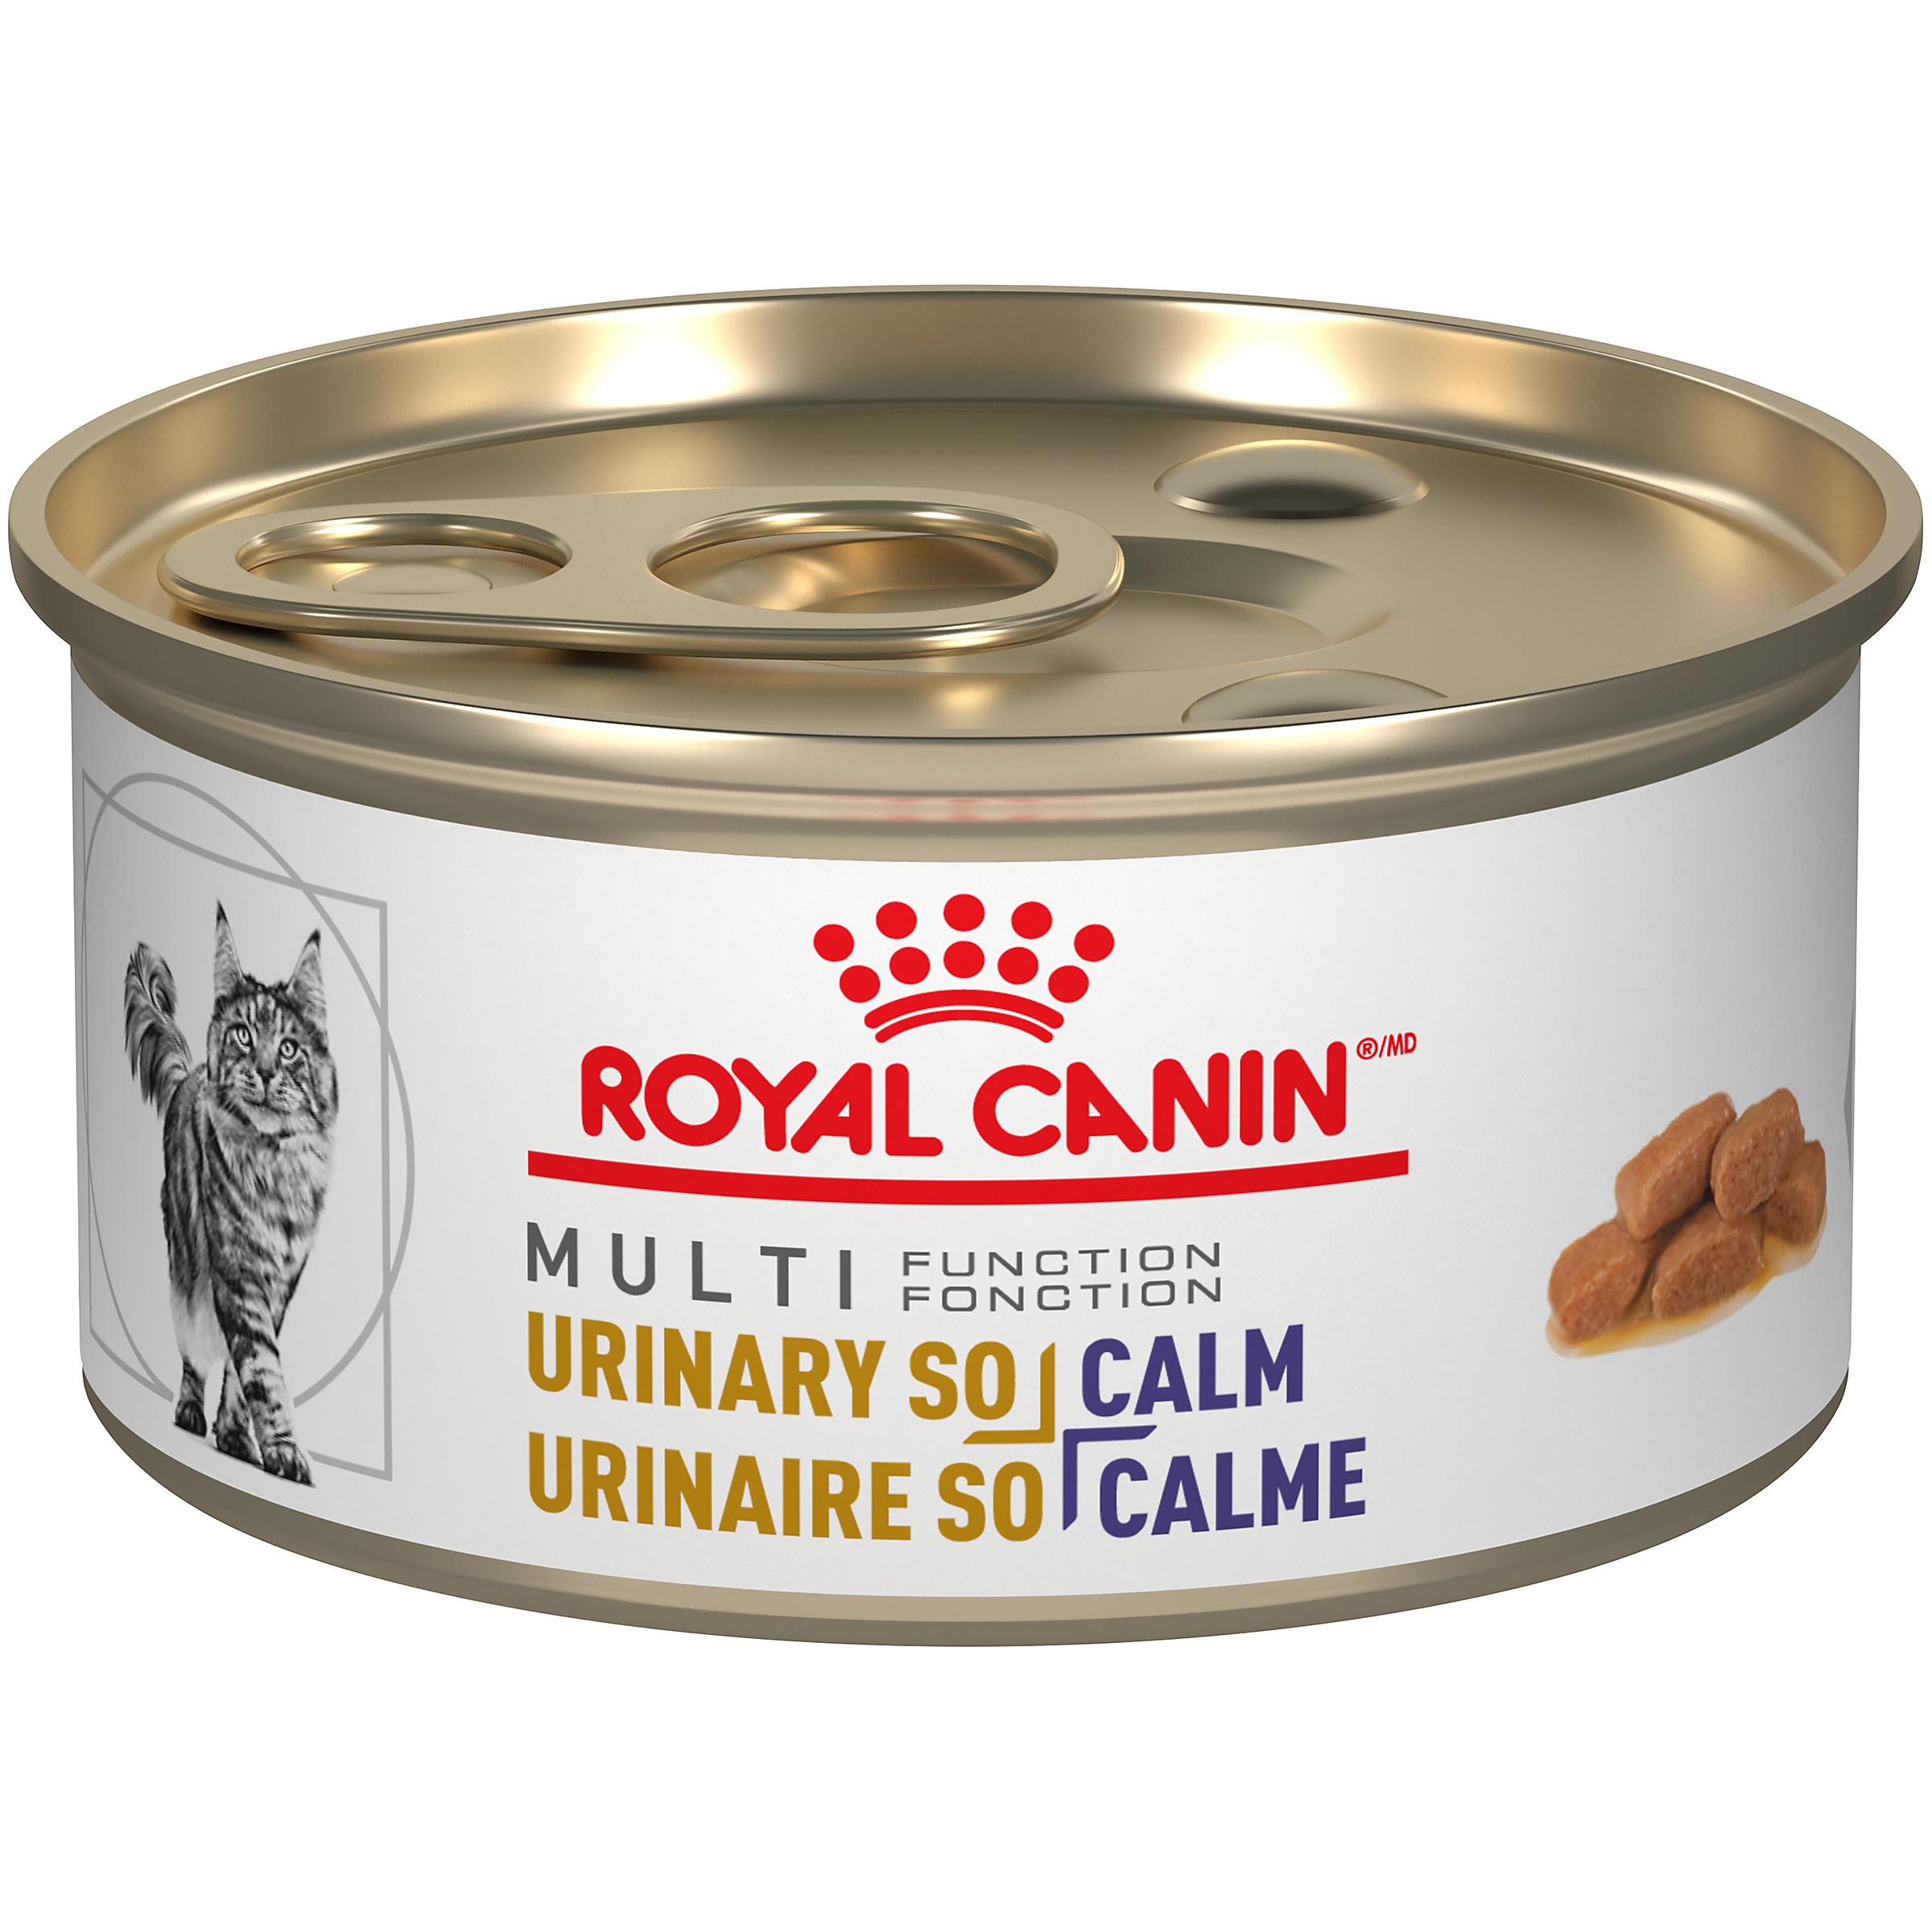 Feline Urinary SO® + Calm Canned Cat Food - Royal Canin